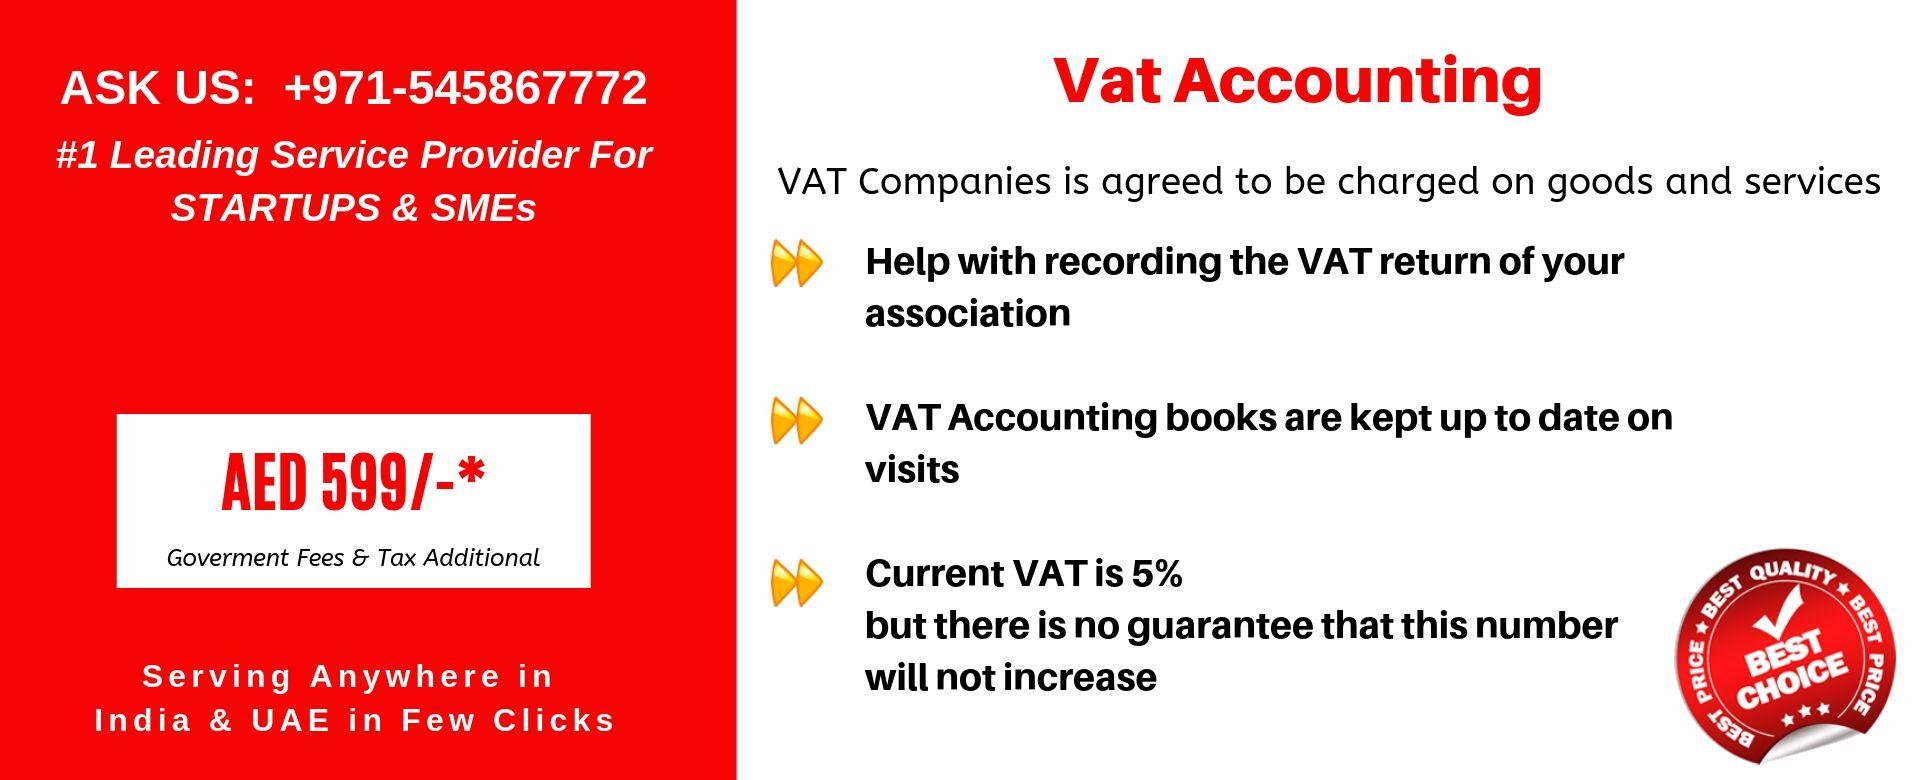 vat accounting in uae